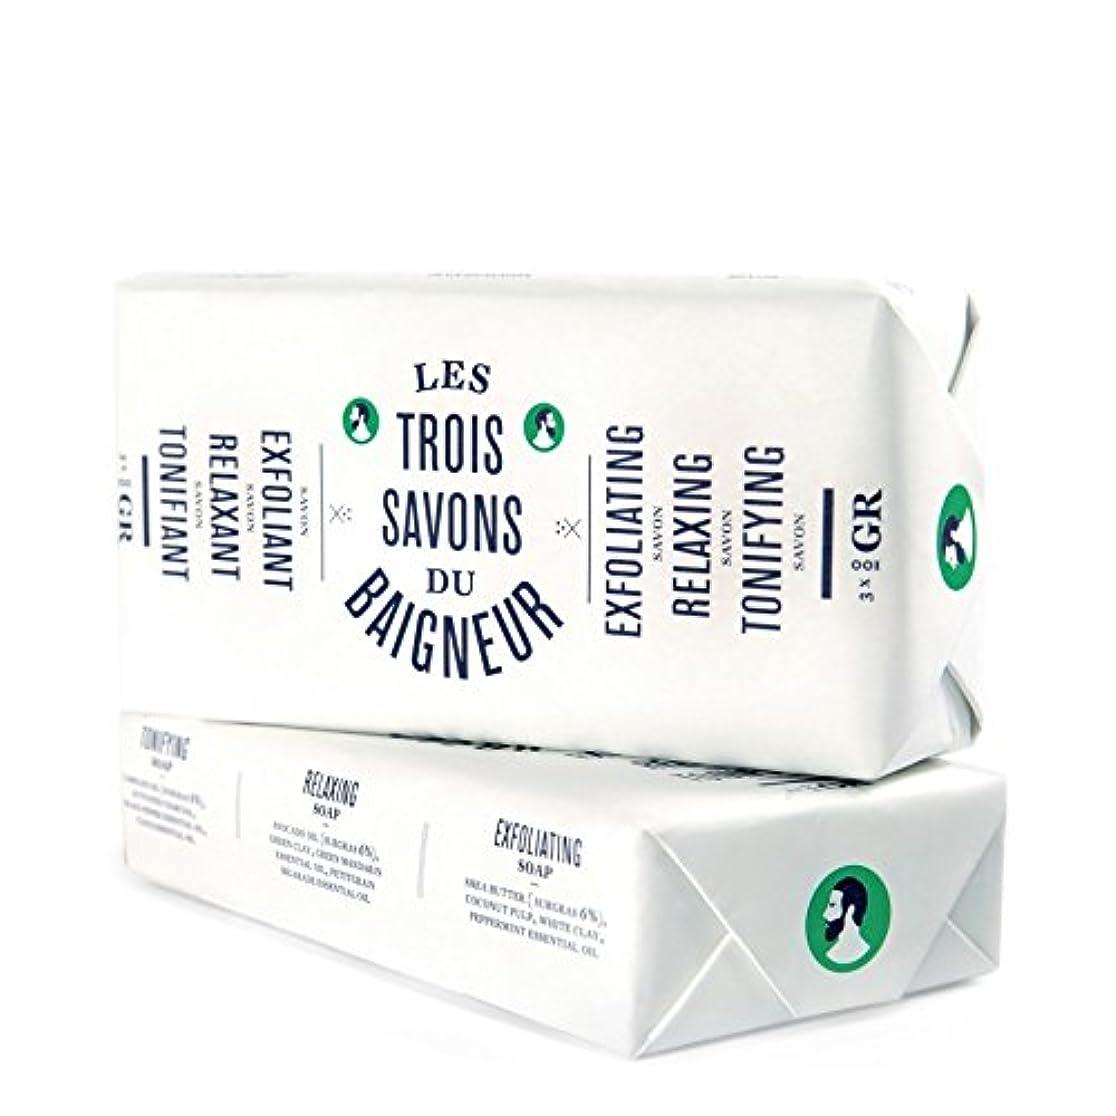 見分ける第四努力するル石鹸セット300グラム x4 - Le Baigneur Soap Set 300g (Pack of 4) [並行輸入品]